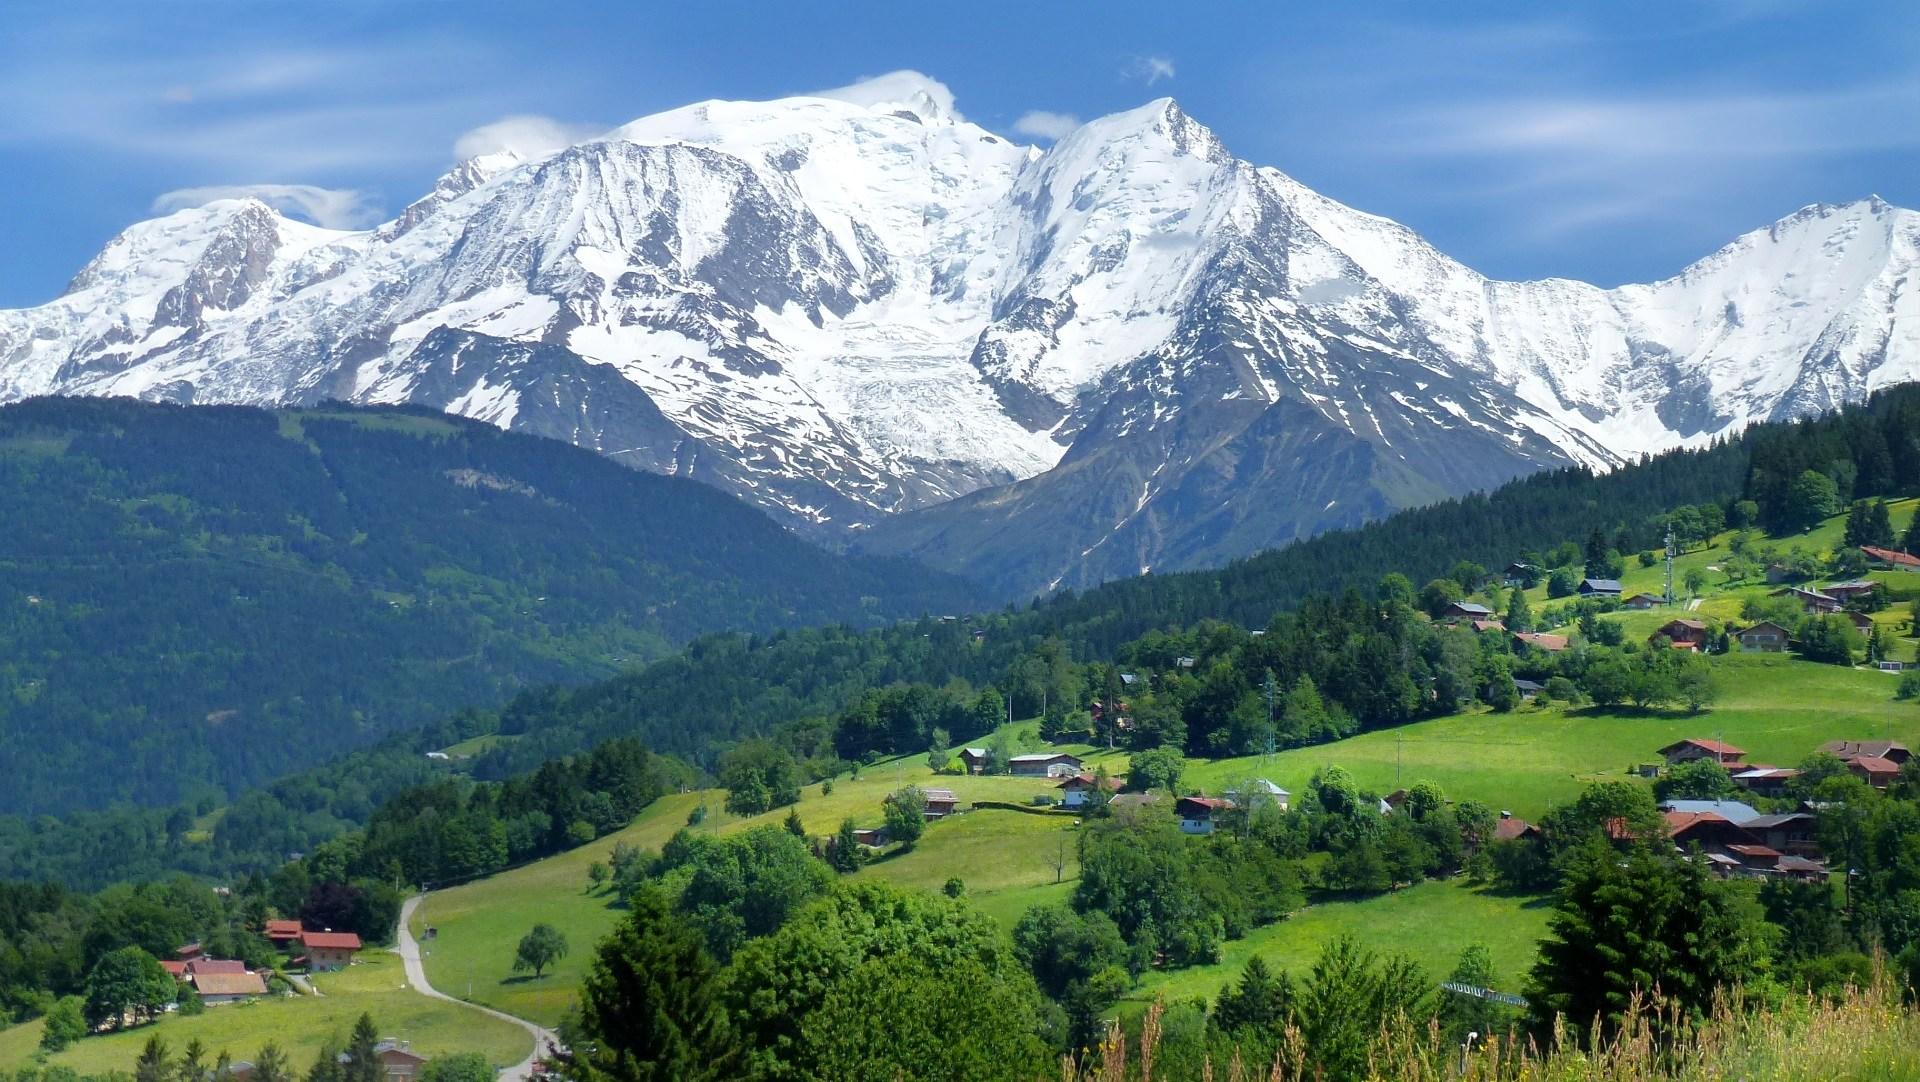 Image massif du mont blanc sallanches alpes picture to pin for Carrelage mont blanc sallanches